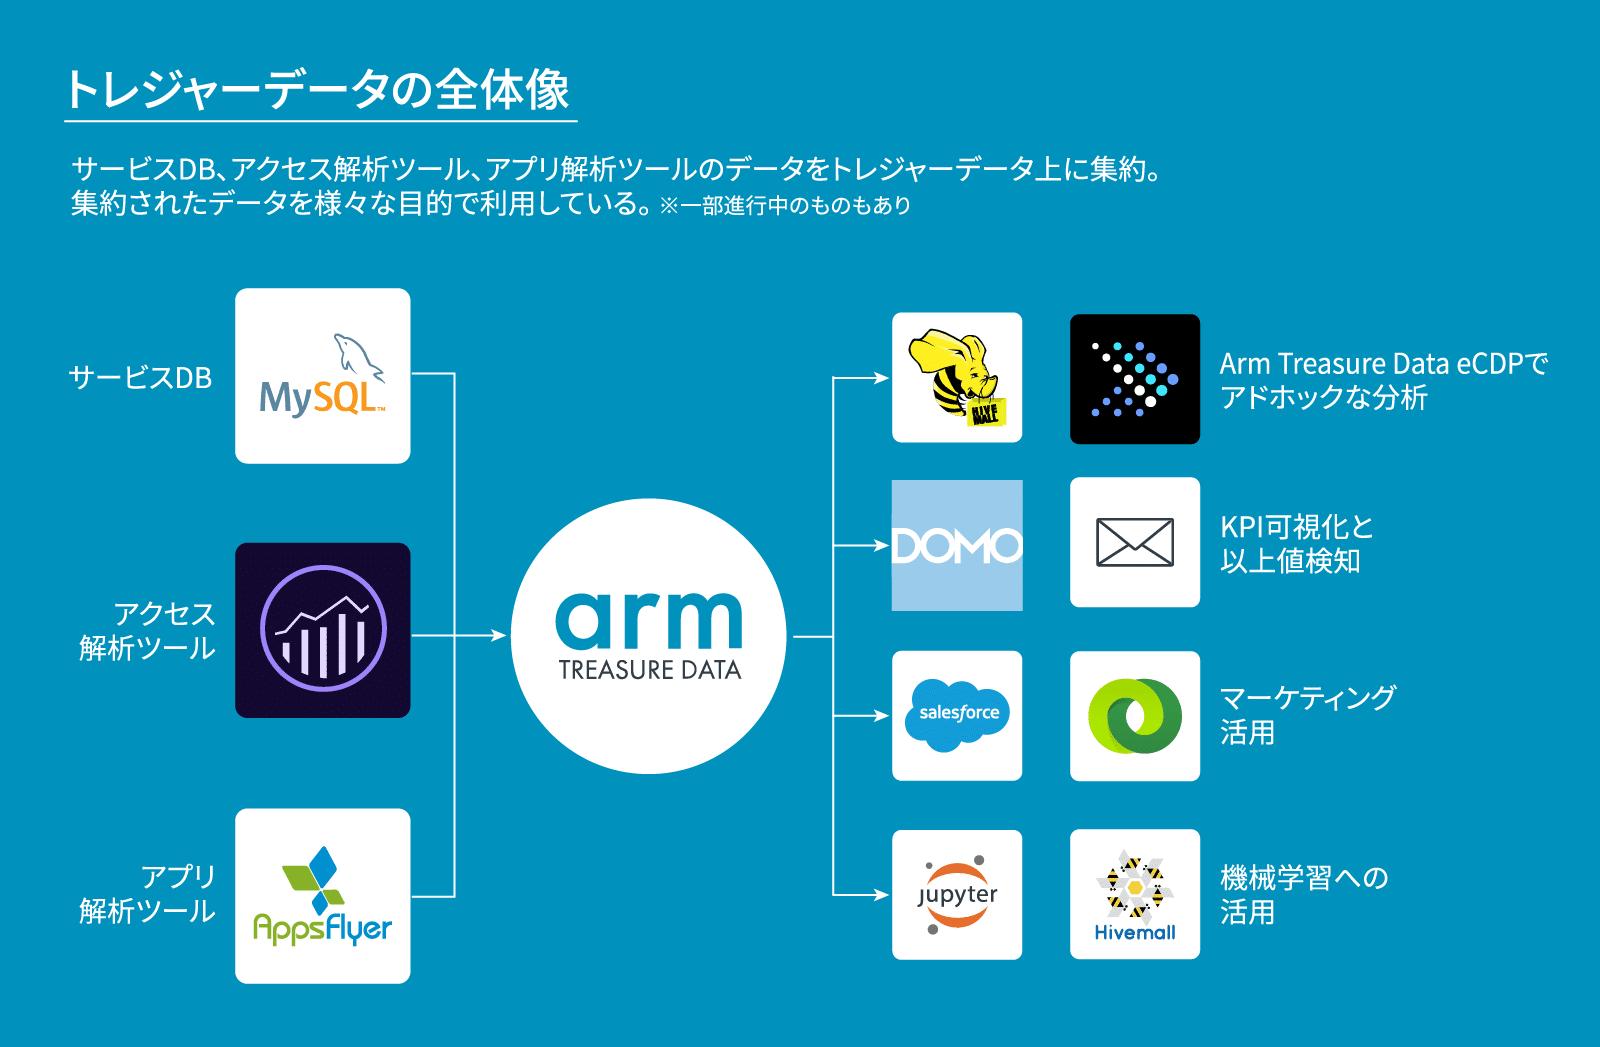 カカクコム×Treasure Data連携全体像